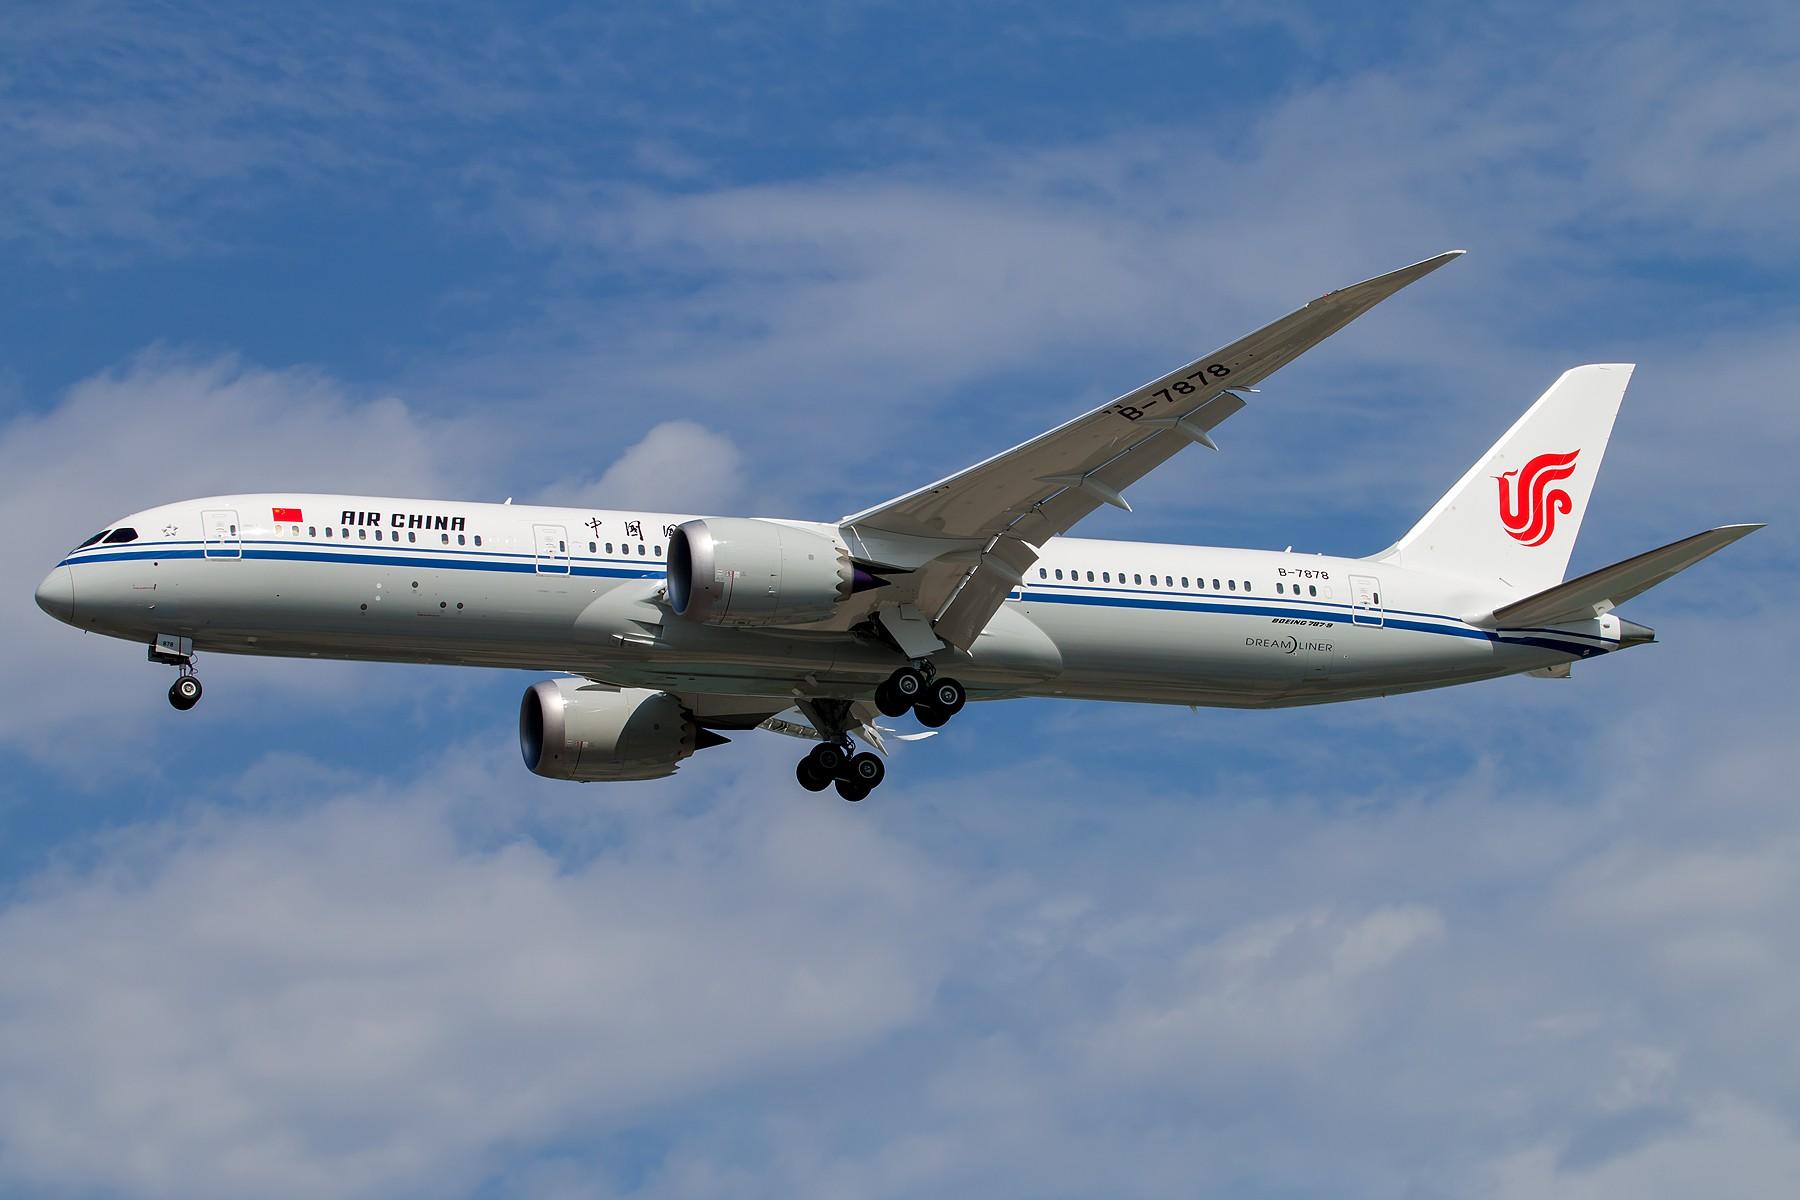 [原创][一图党] 中国国际航空第二架B787-9 Dreamliner B-7878 1800*1200 BOEING 787-9 B-7878 中国北京首都国际机场